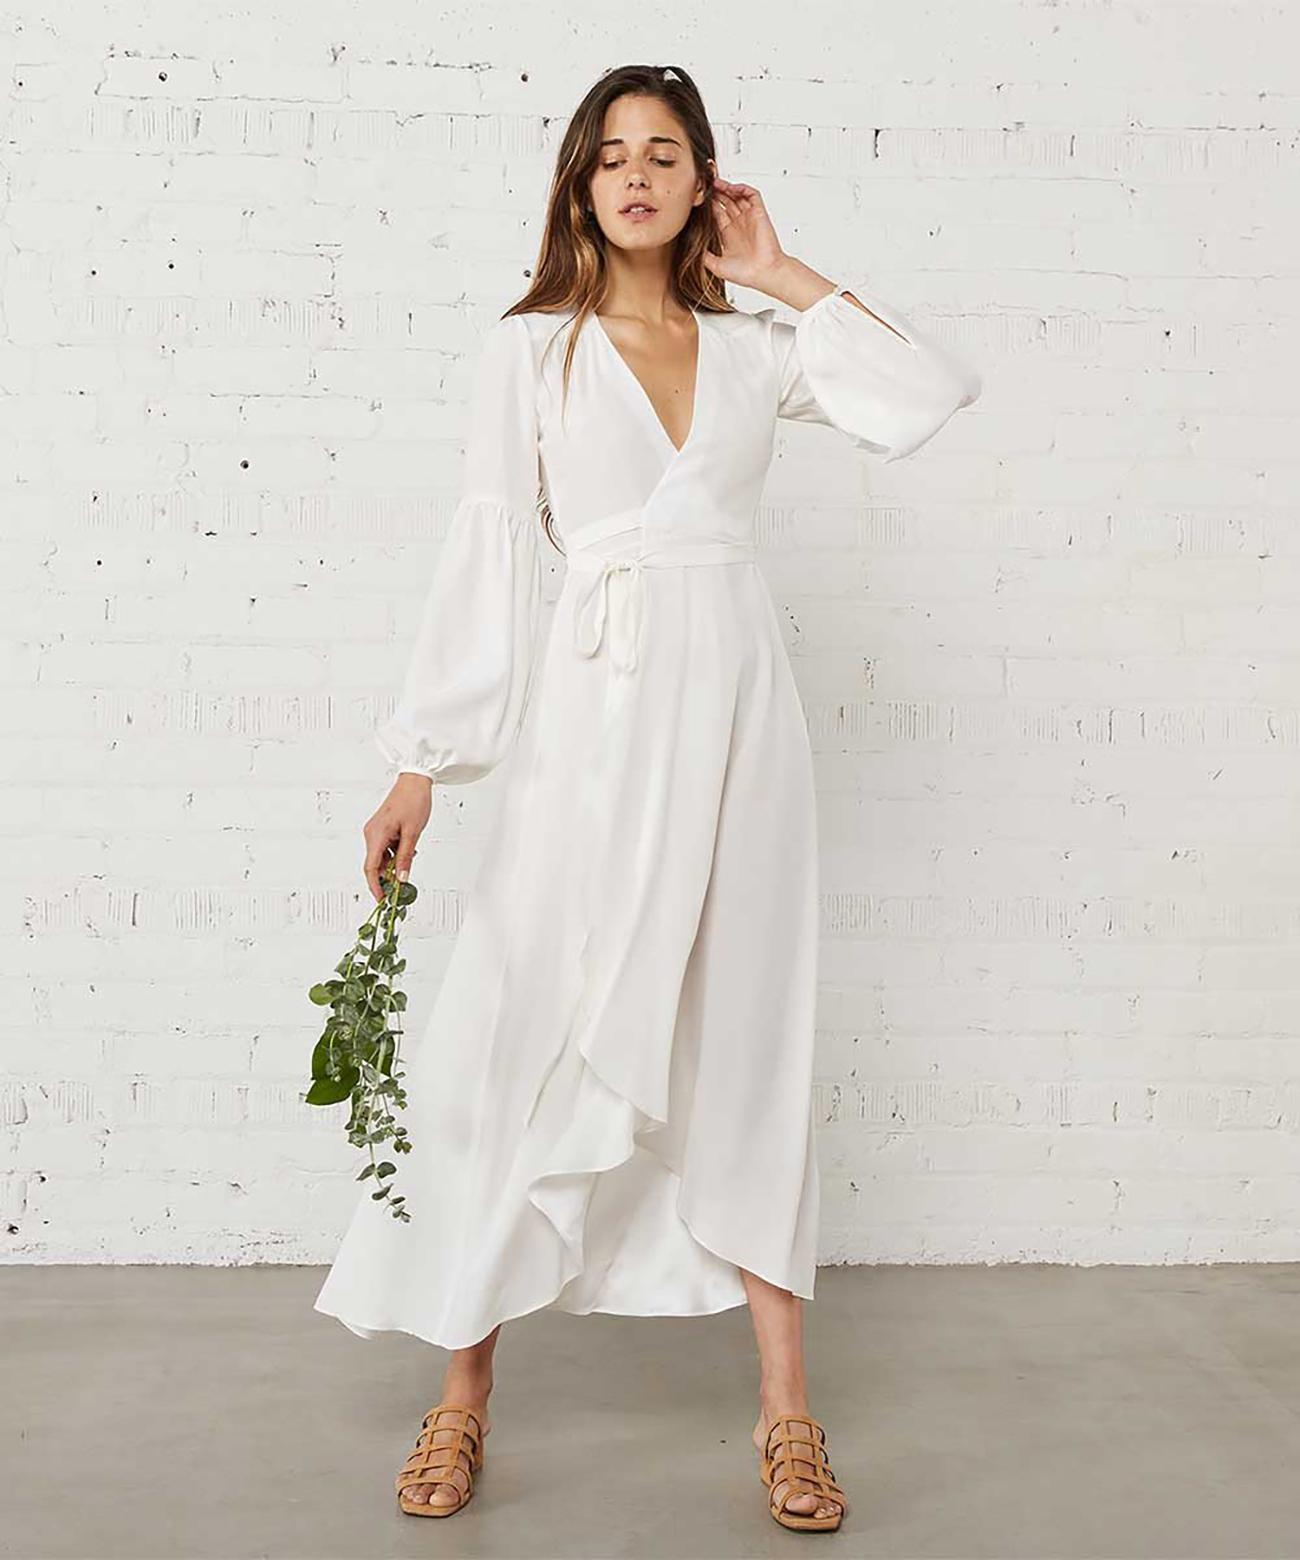 Christy Dawn Modern Minimalistic Wedding Dress Under $800 Budget